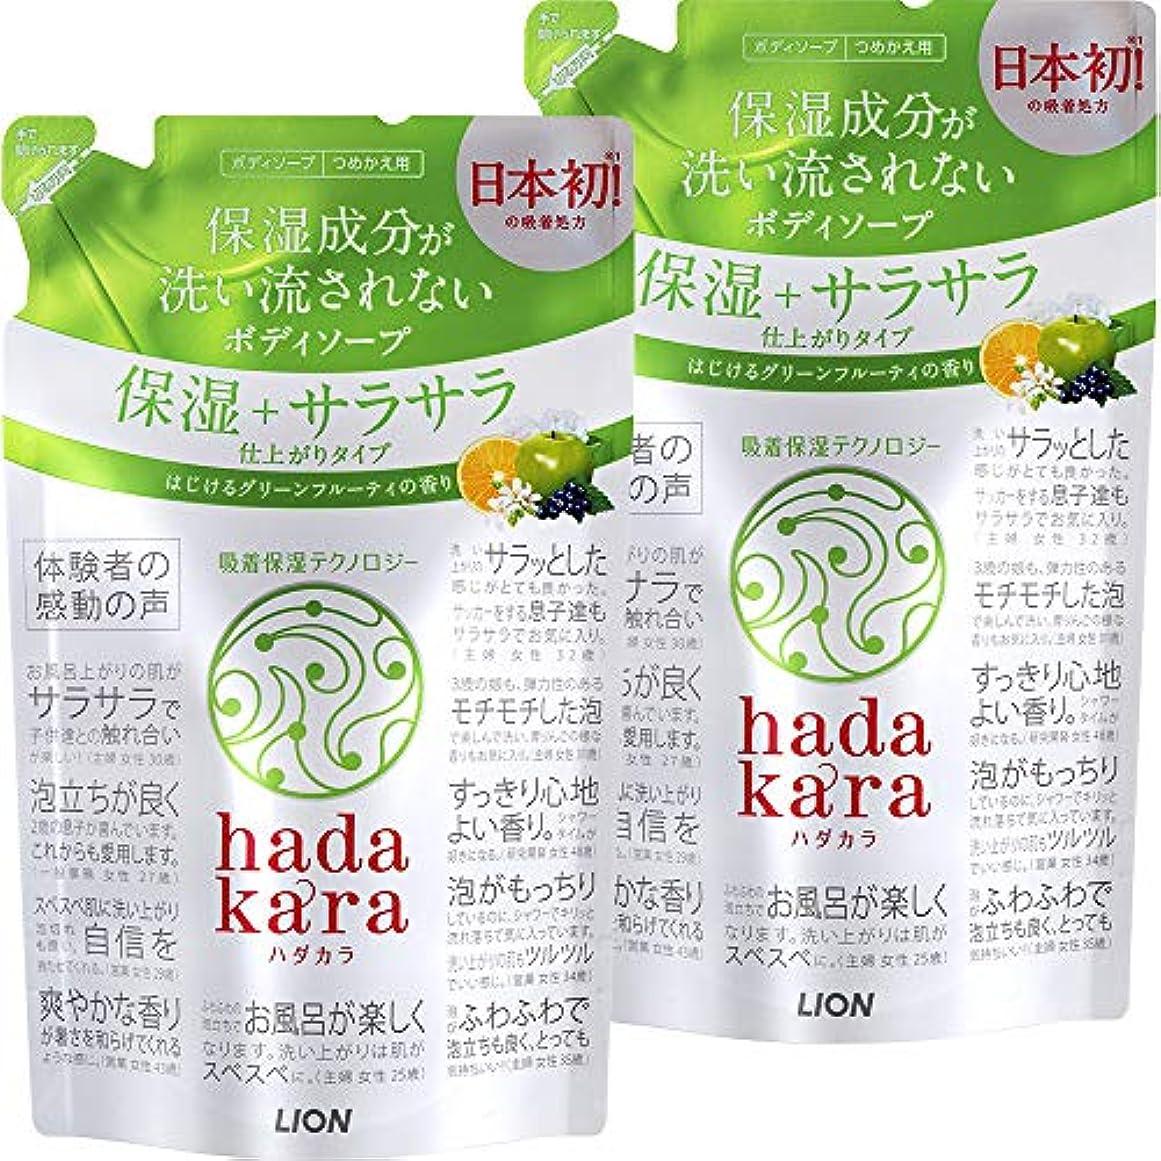 尊敬する透明に節約する【まとめ買い】hadakara(ハダカラ) ボディソープ 保湿+サラサラ仕上がりタイプ グリーンフルーティの香り 詰め替え 340ml×2個パック